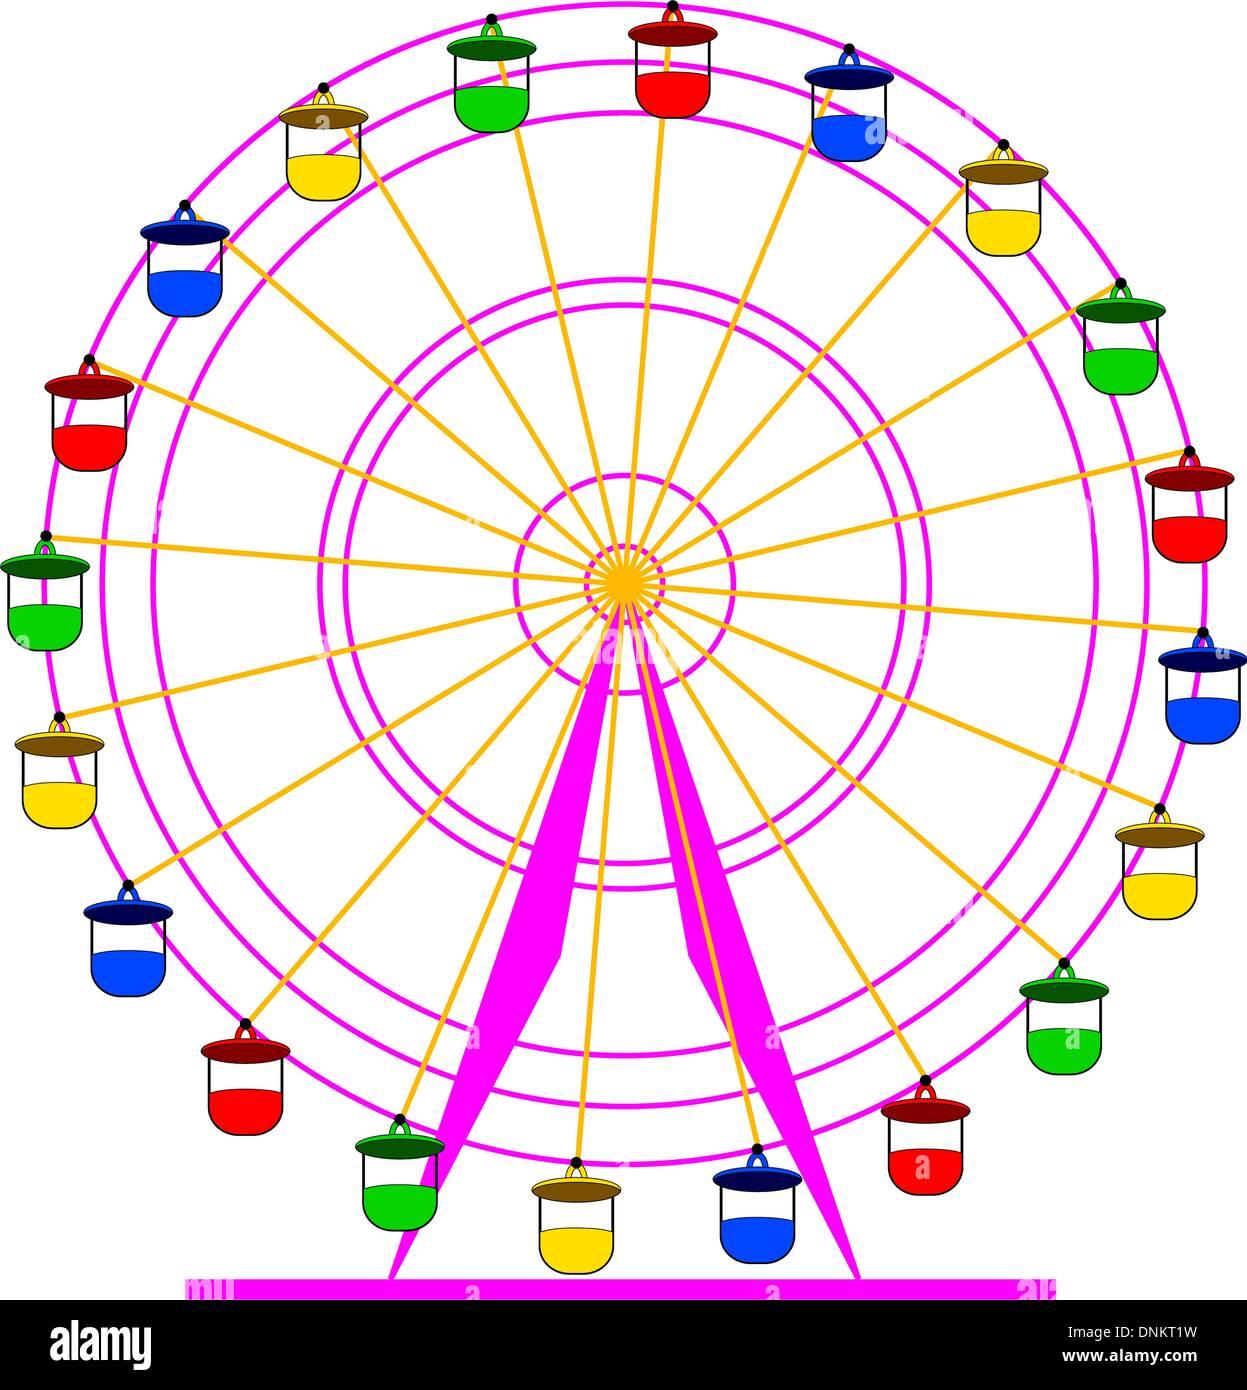 Silhouette atraktsion colorida roda-gigante. Ilustração do vetor. Imagens de Stock